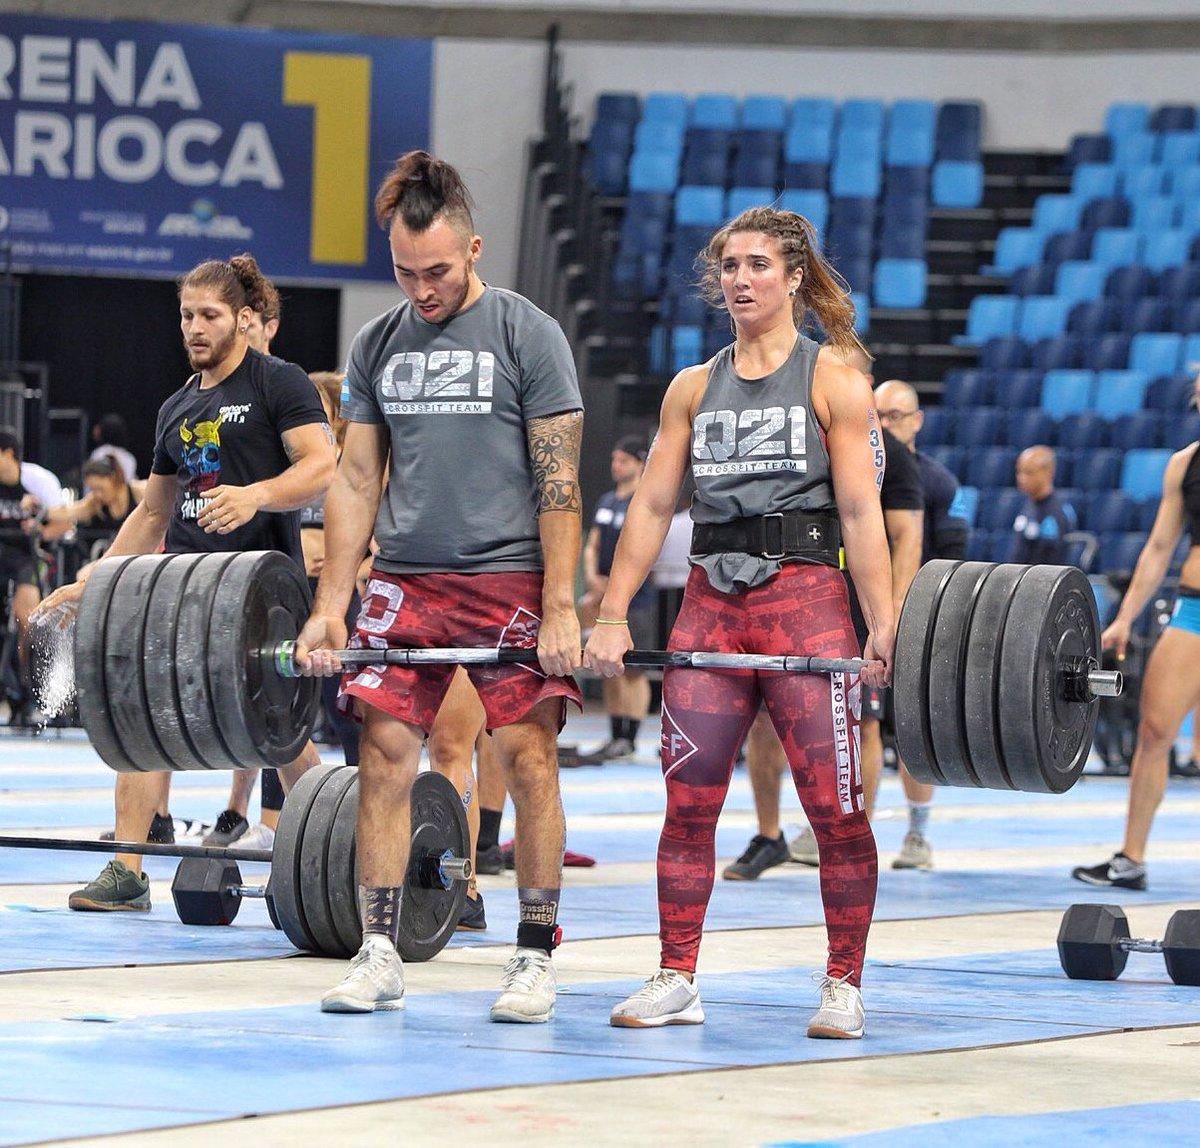 Crossfit Q21 usou seus atletas mais pesados para ganhar vantagem n @AssaultAirBikea  e batalharam até o final nos deadlifts para avançar o máximo no evento. Aqui estão os ganhadores.